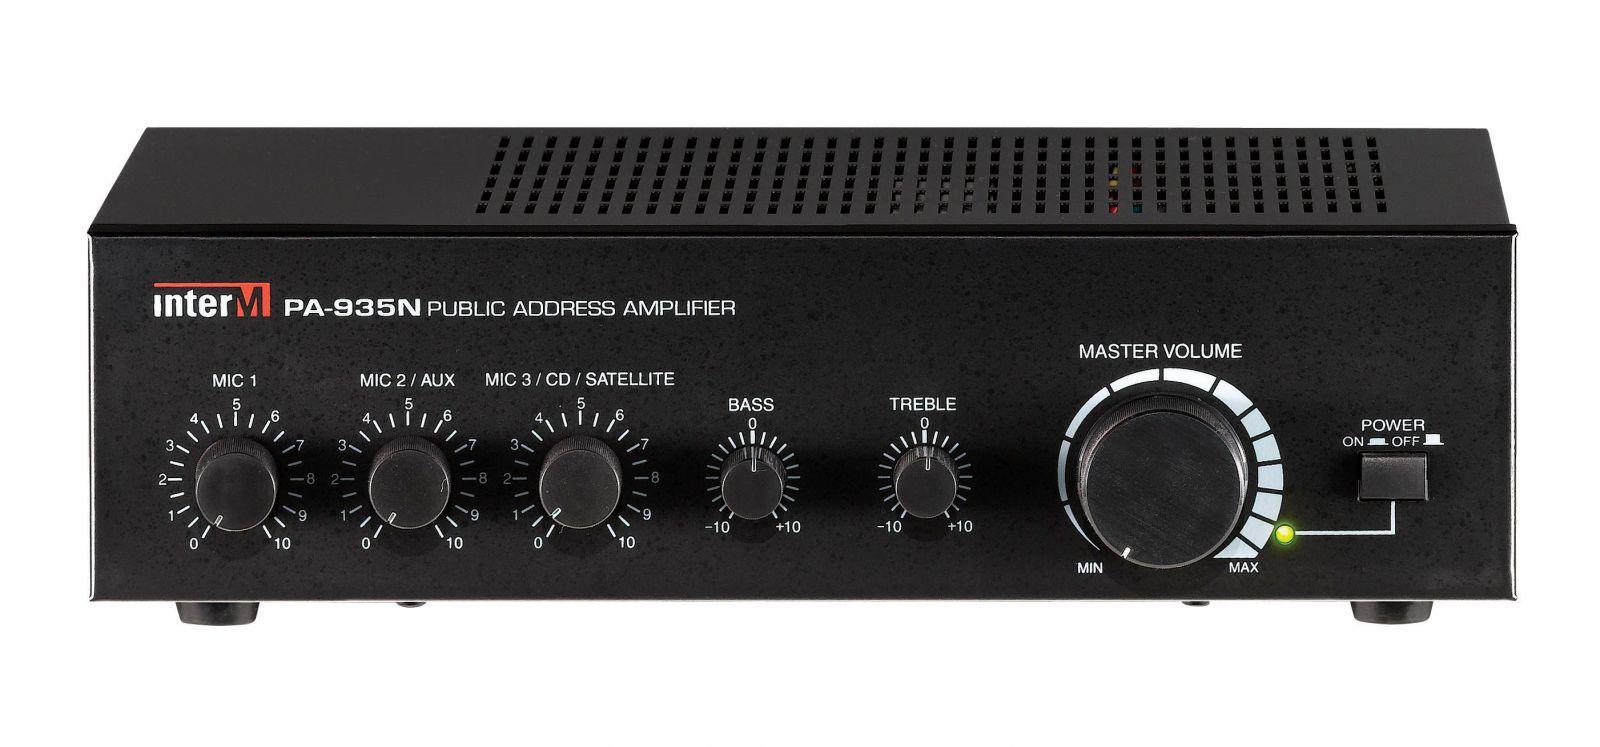 Amply 35W - PA-935N